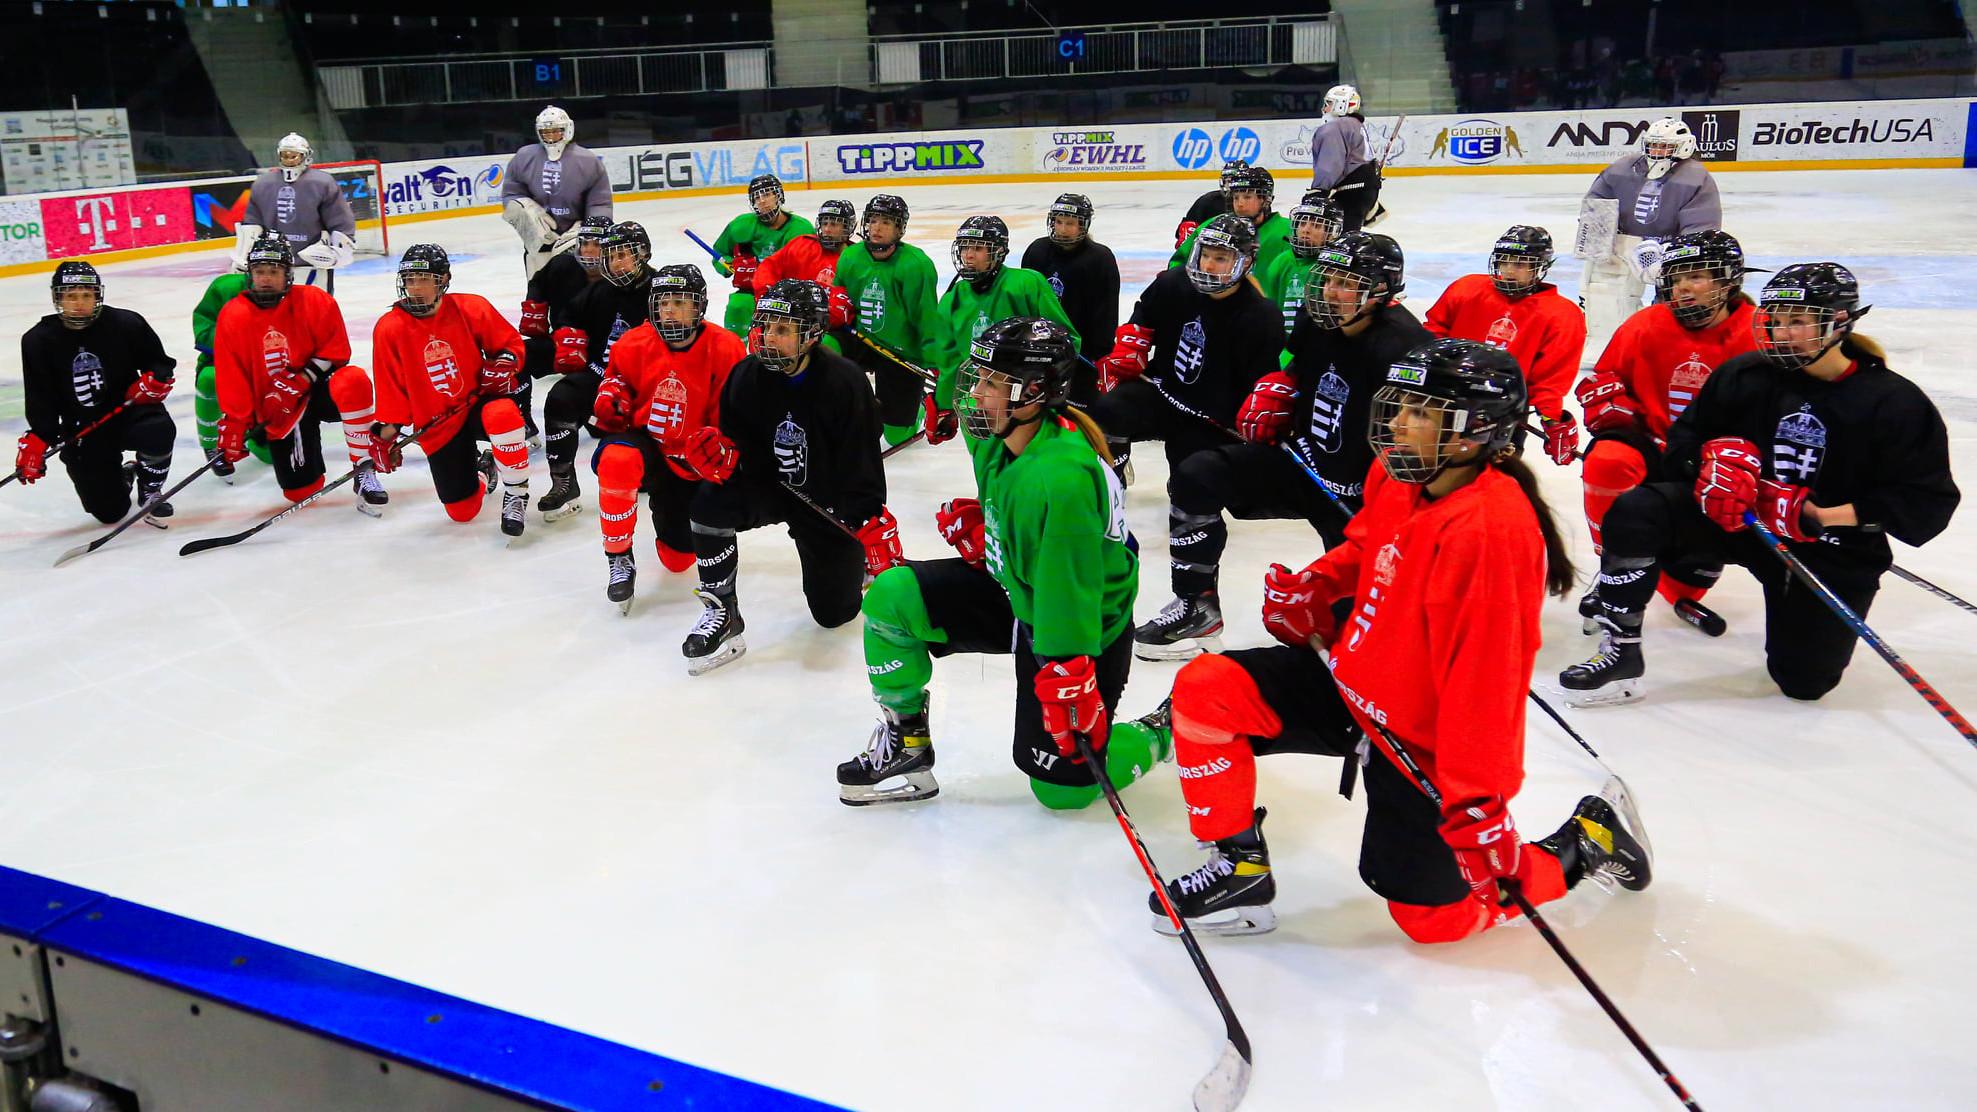 Megvan az utazó keret a női jégkorong világbajnokságra